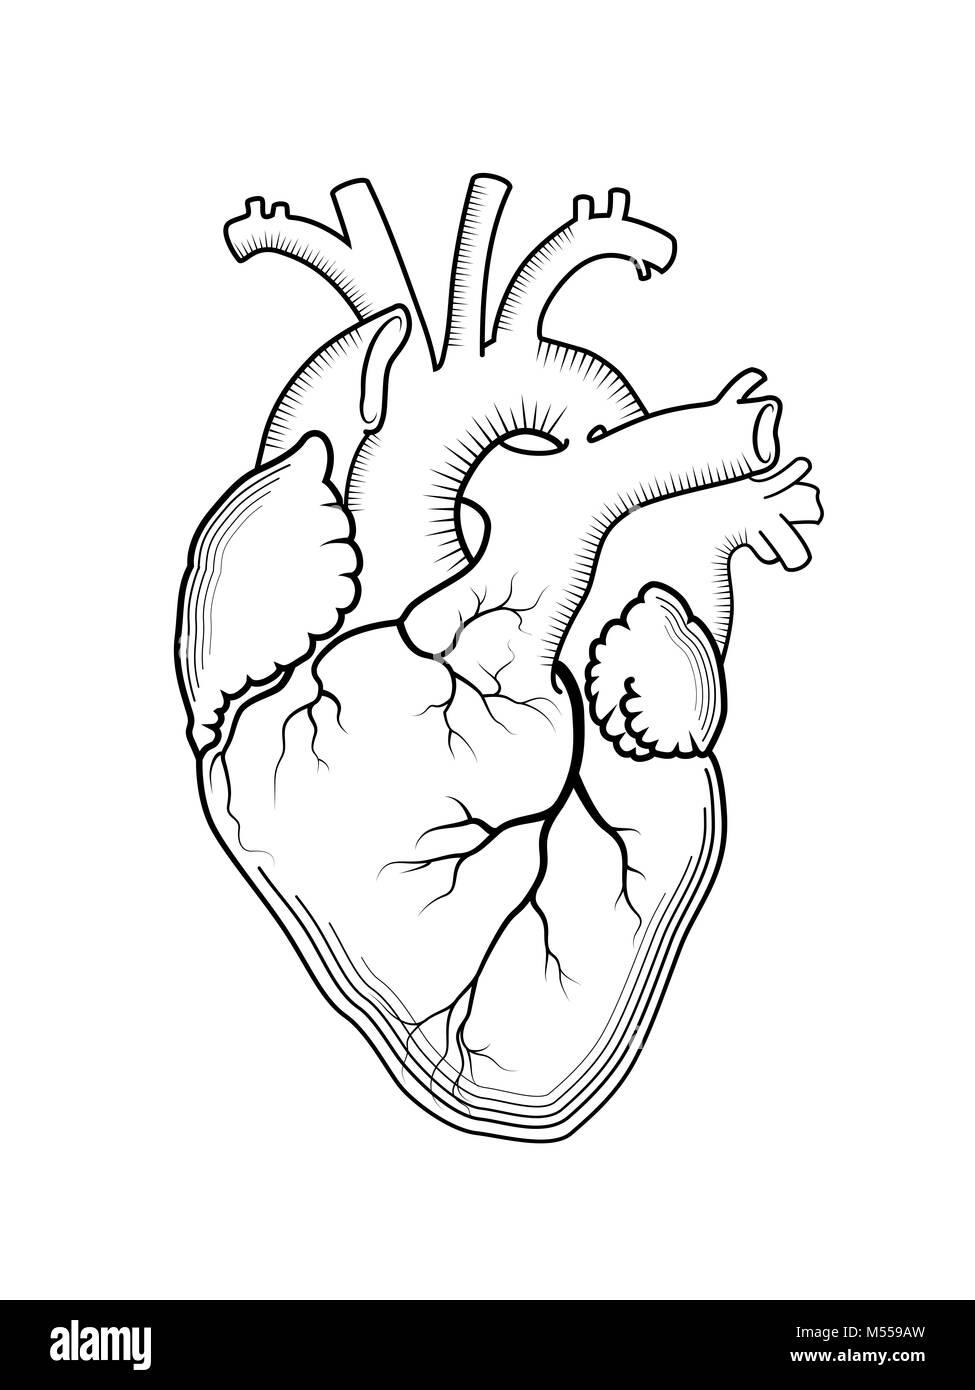 Herz. Die innere Organ des Menschen, anatomische Struktur Stockfoto ...